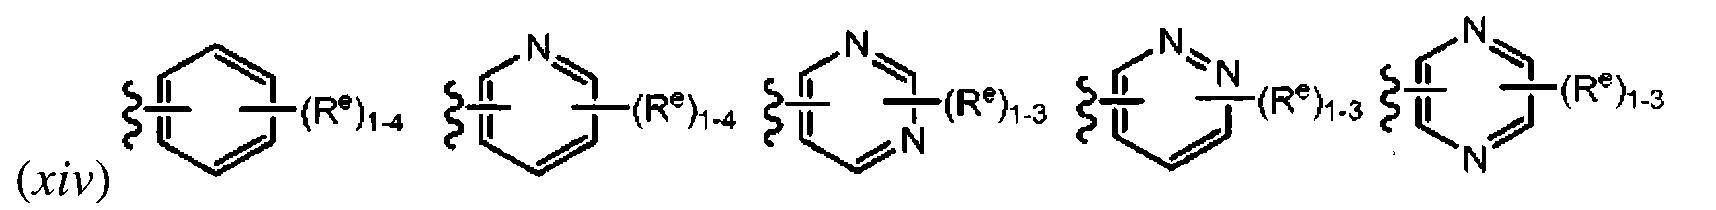 Figure CN101951770BD00654